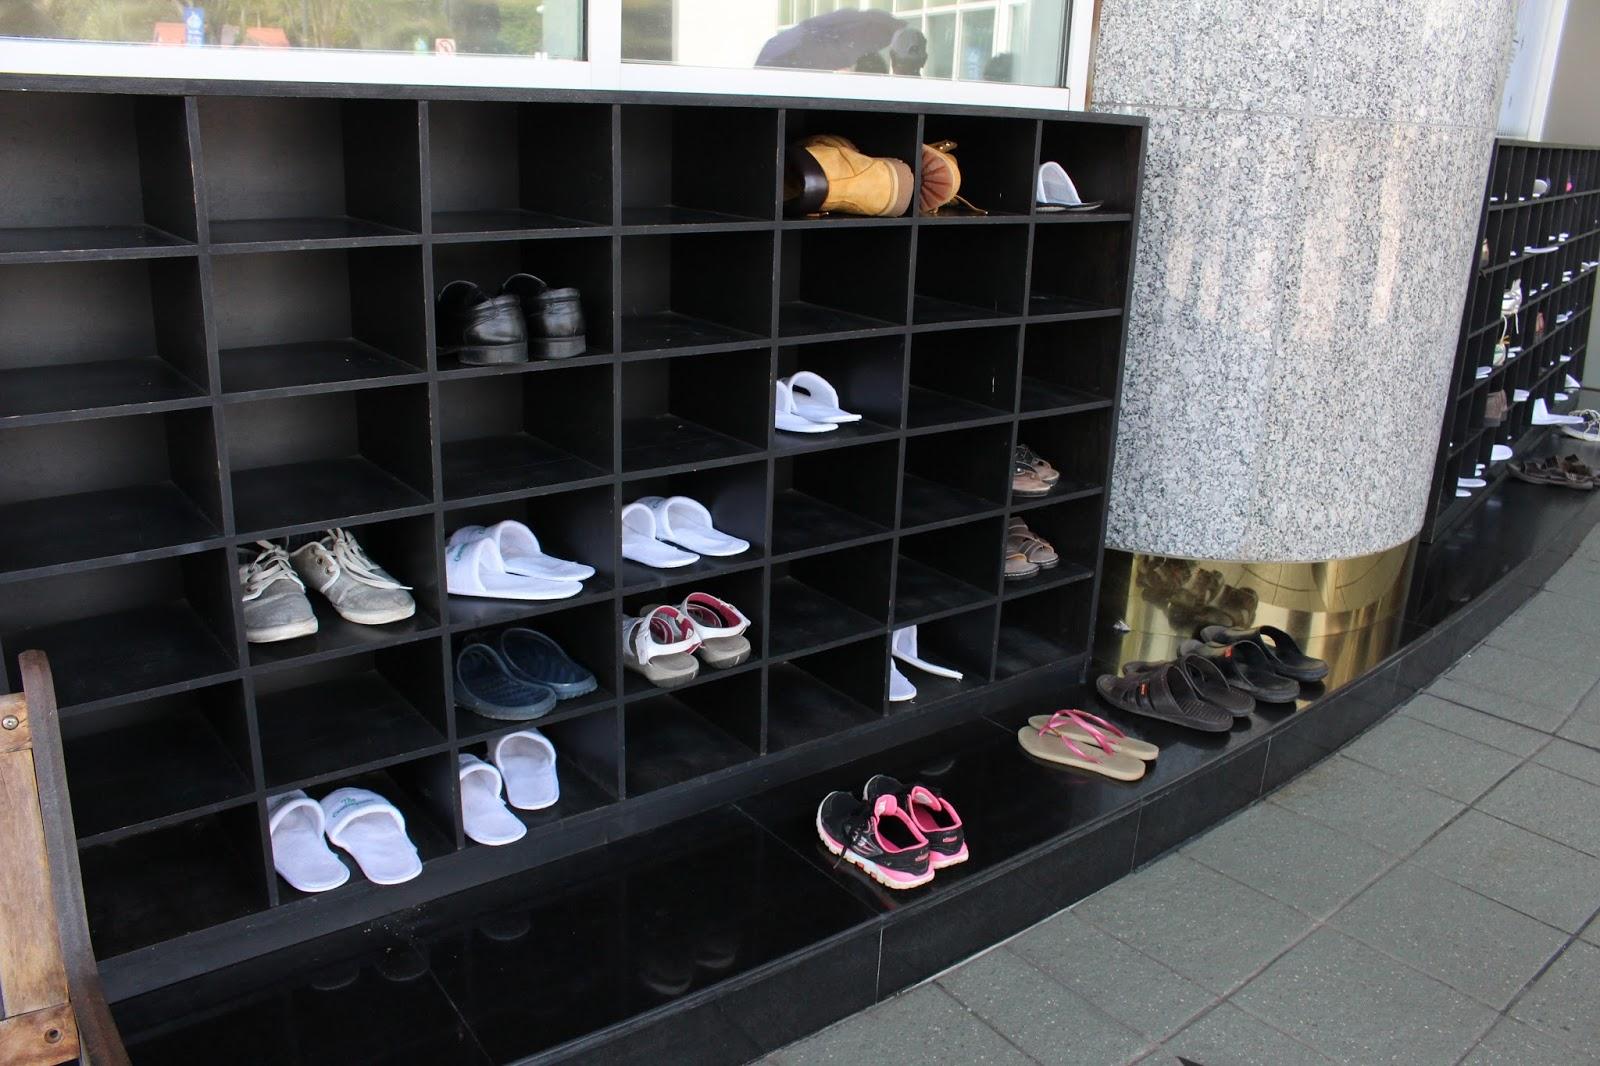 schoenrekken bij de ingang van een museum